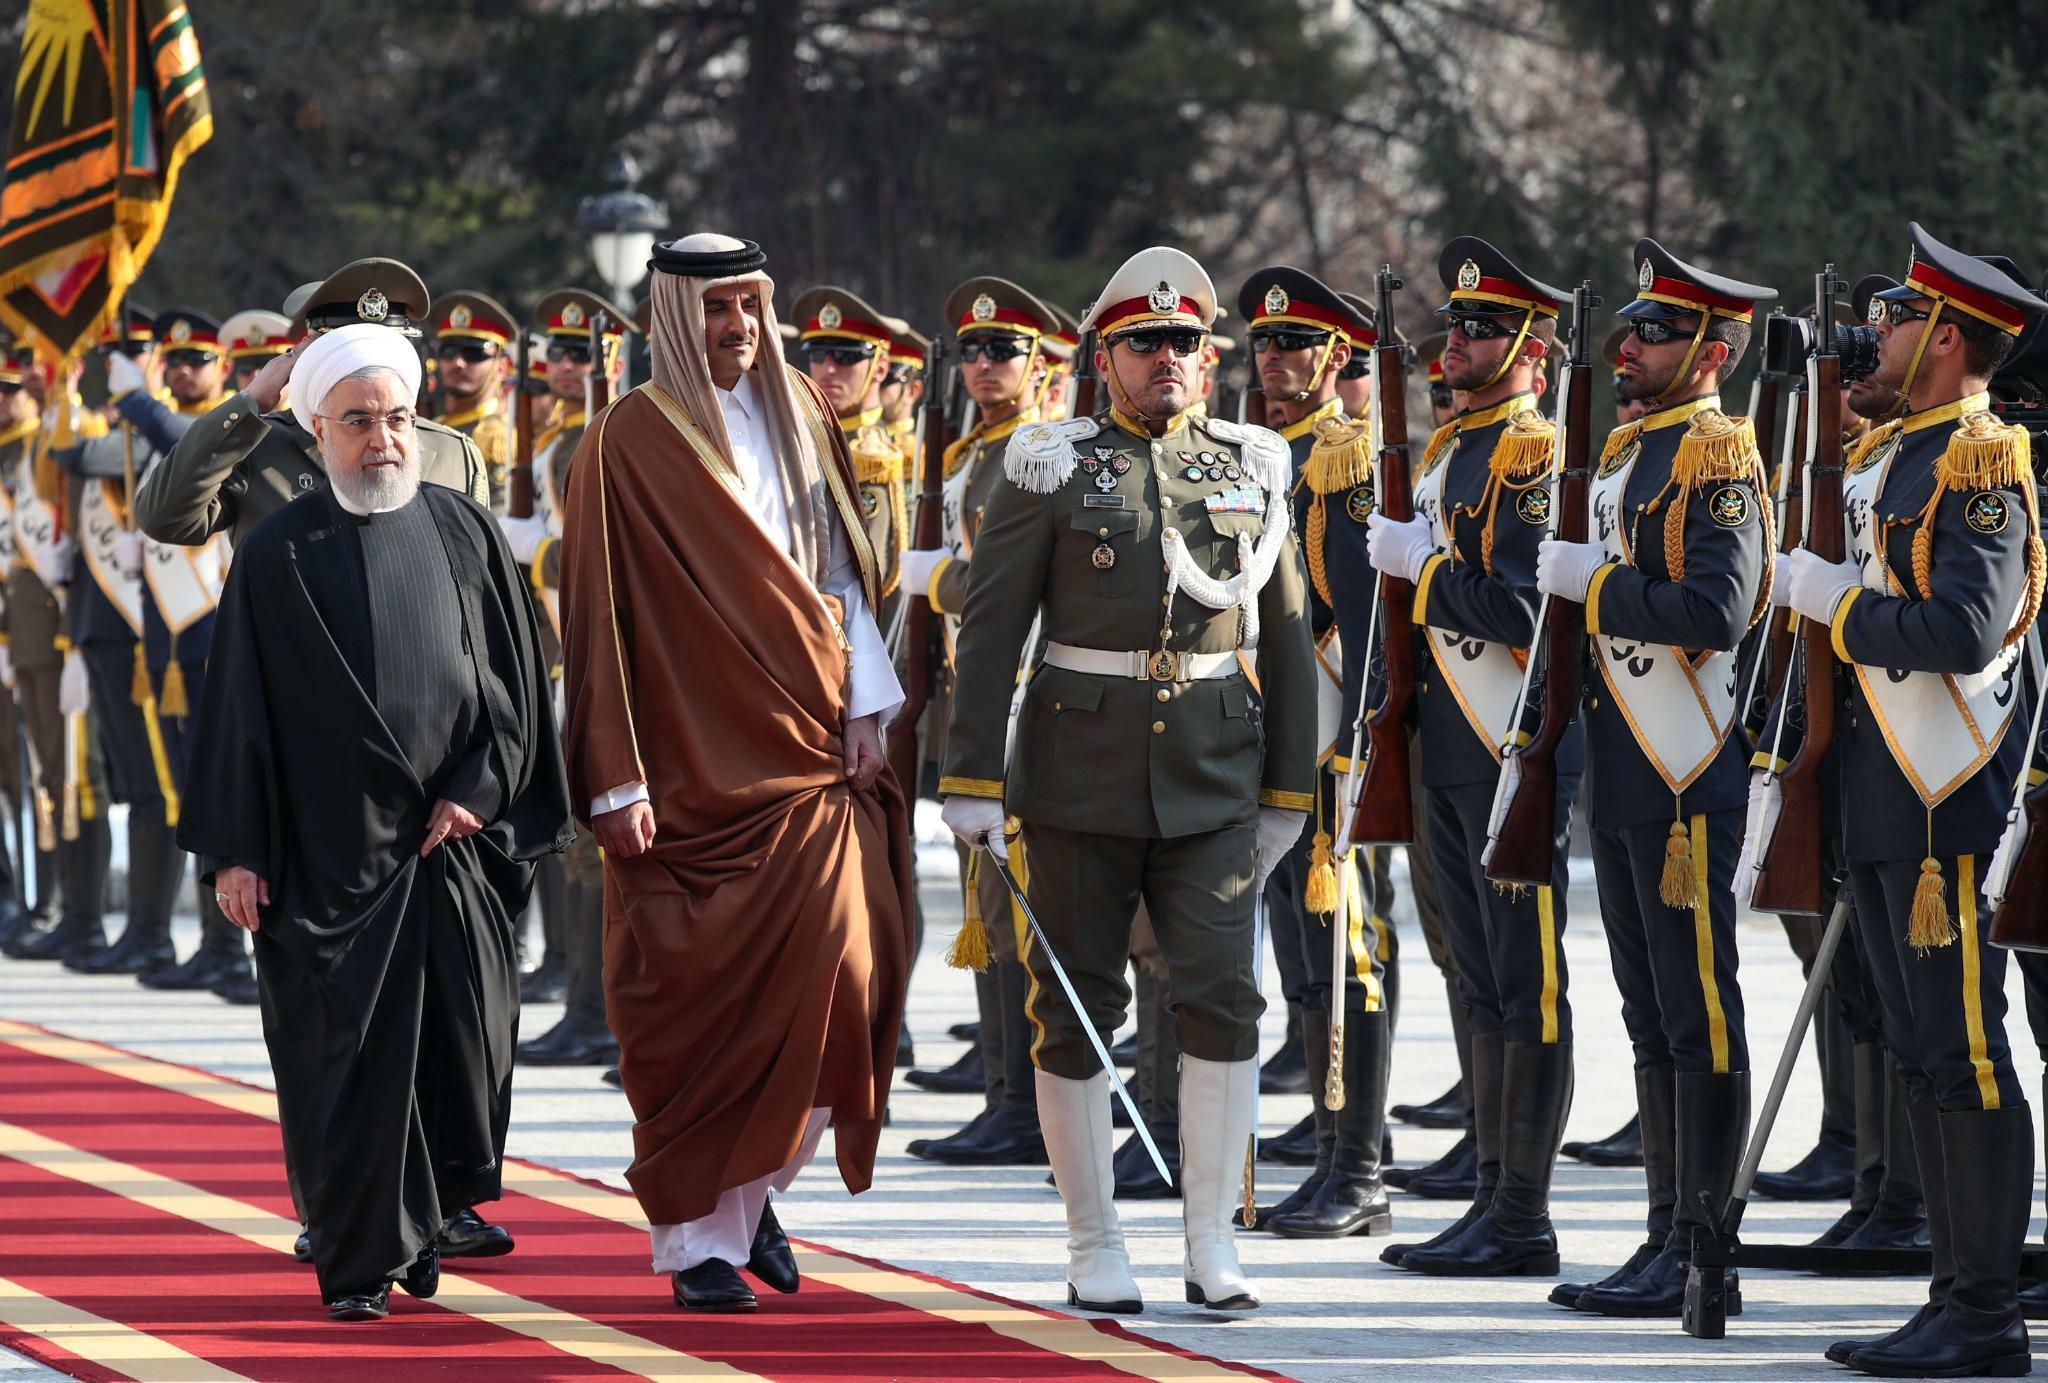 Katar will sich reformieren – aber der Fortschritt ist langsam